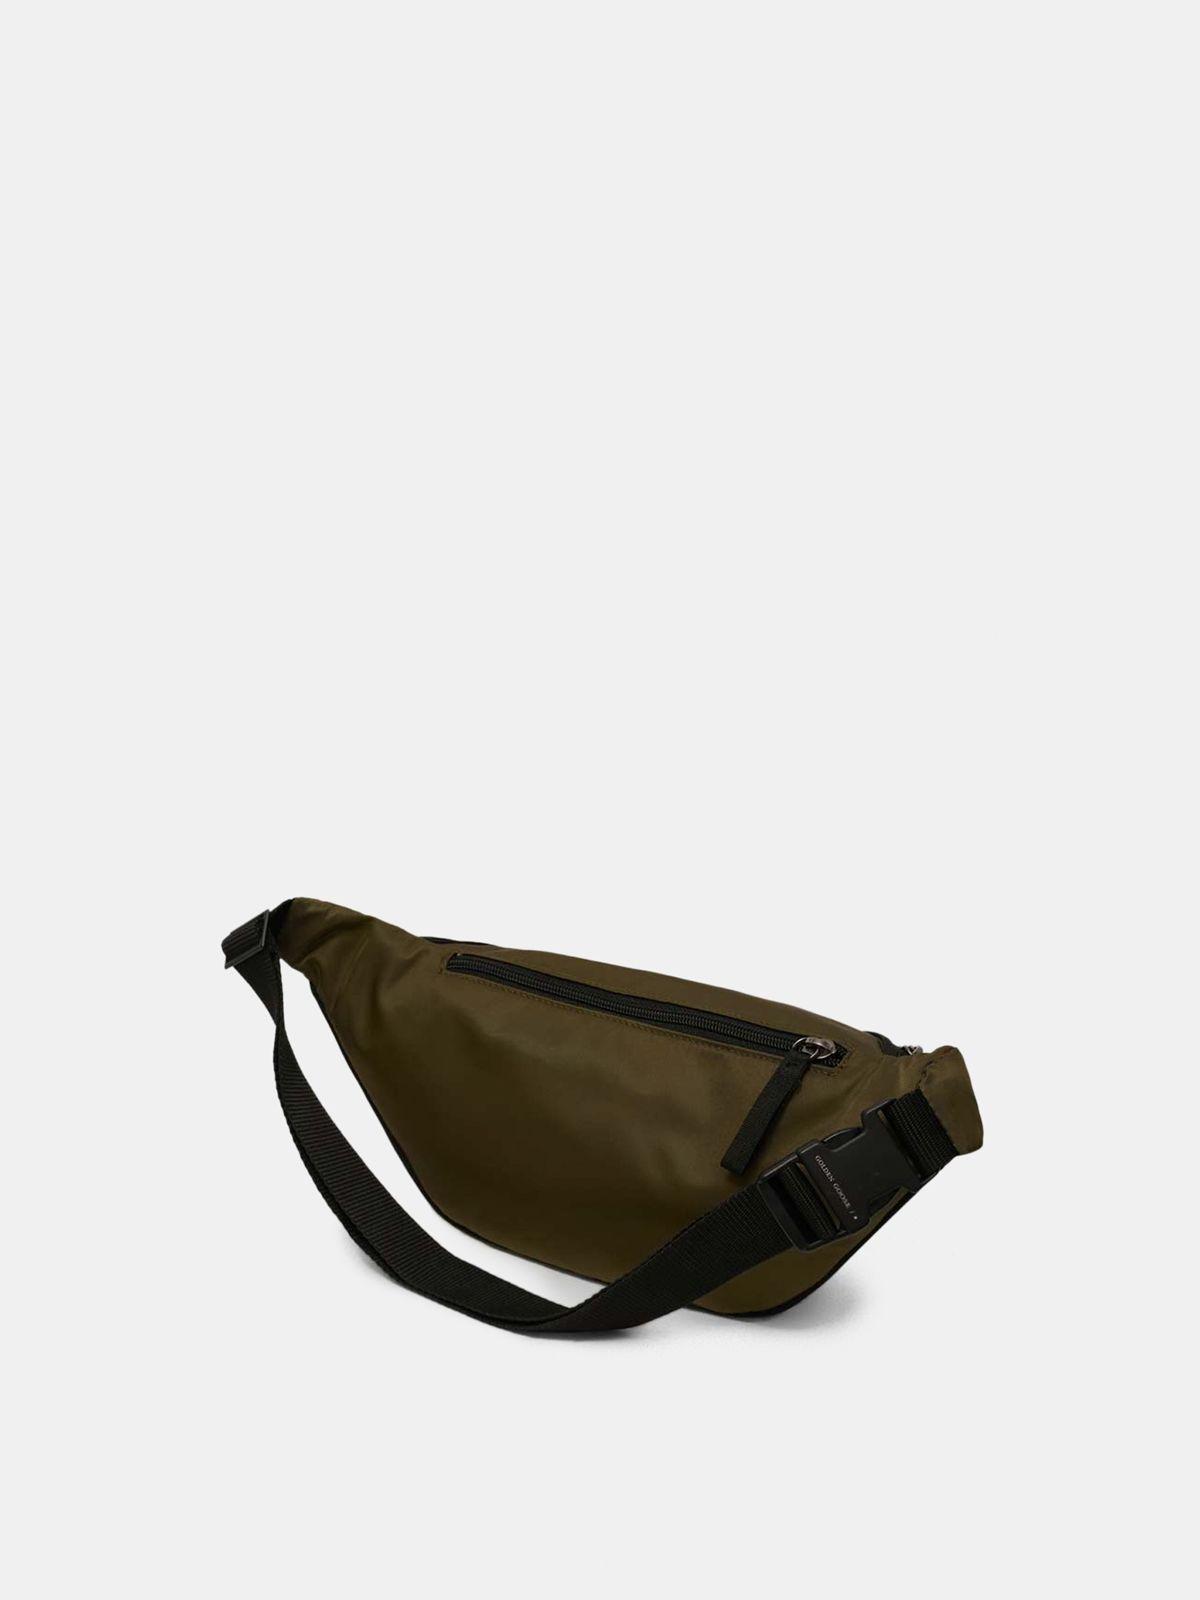 Golden Goose - Military green nylon Journey belt bag in